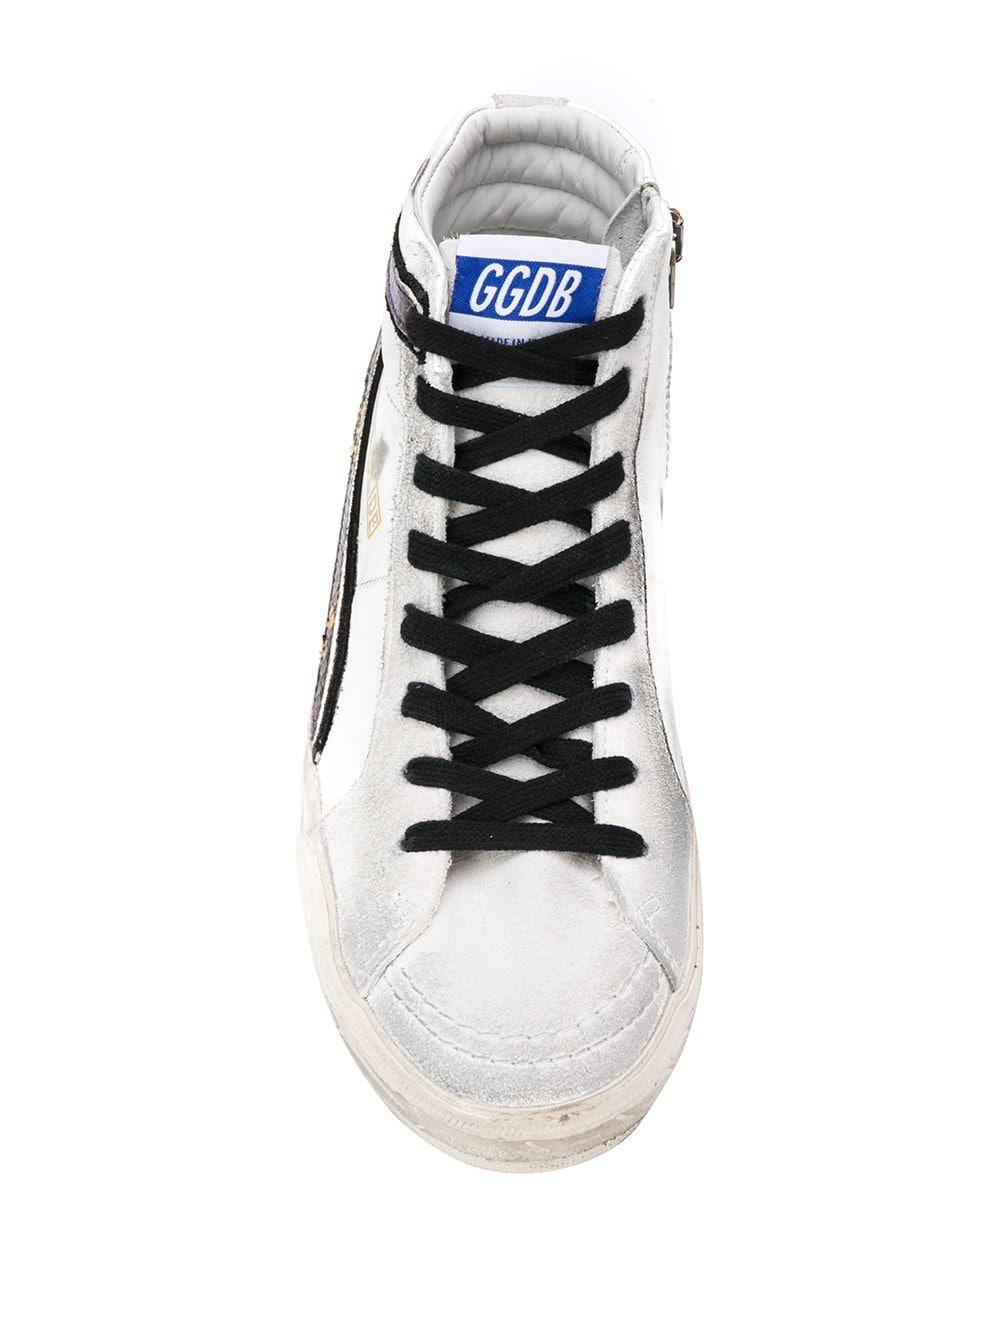 Picture of Golden Goose Deluxe Brand | Slide Sneakers